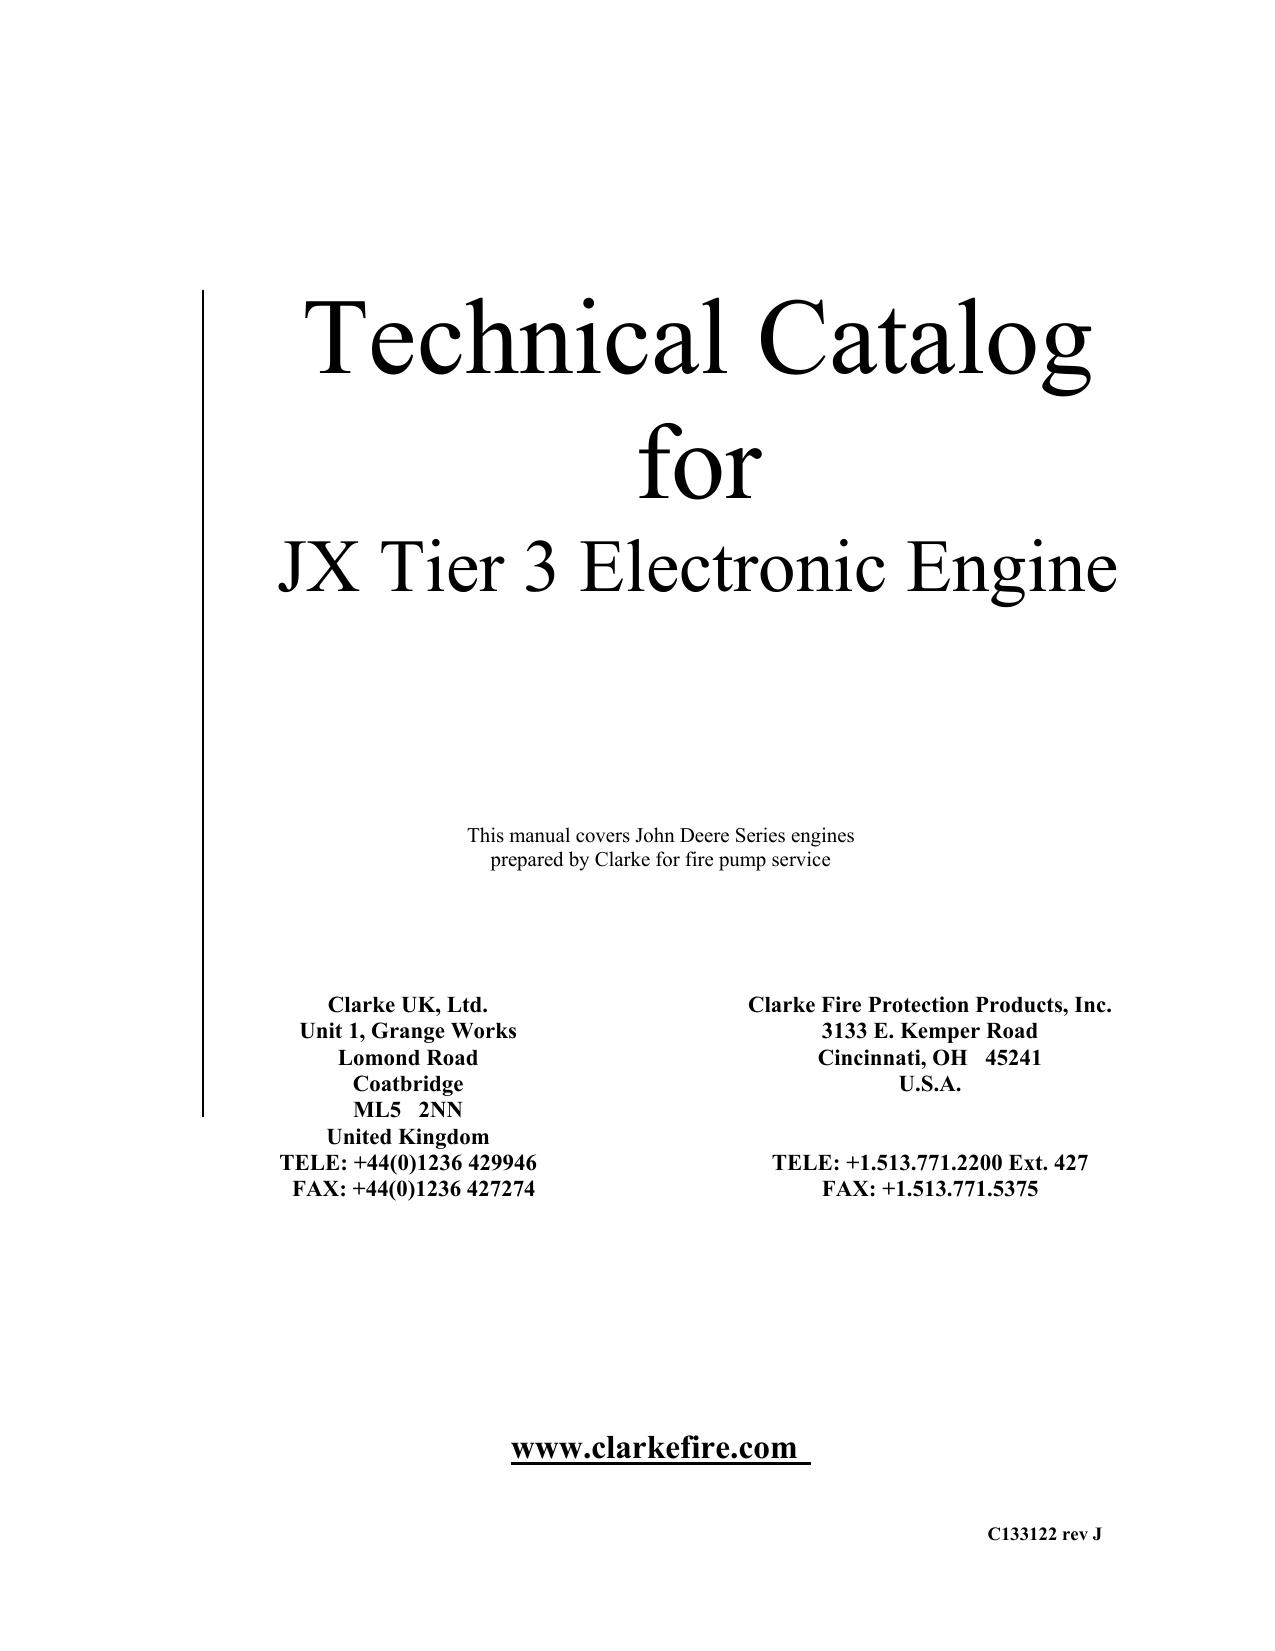 Technical Catalog for | manualzz.com